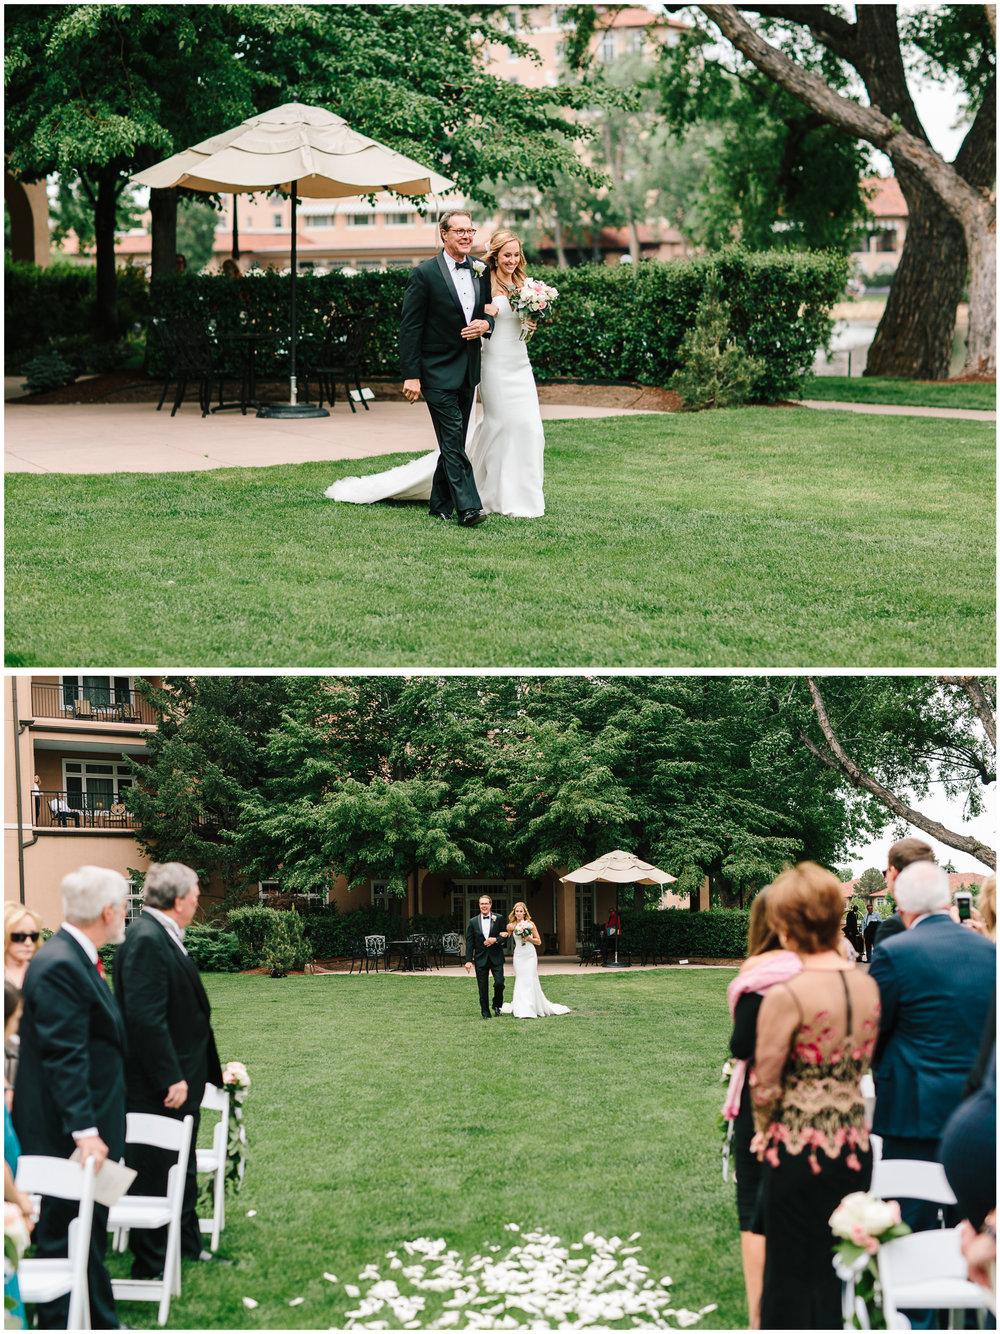 broadmoor_wedding_33.jpg